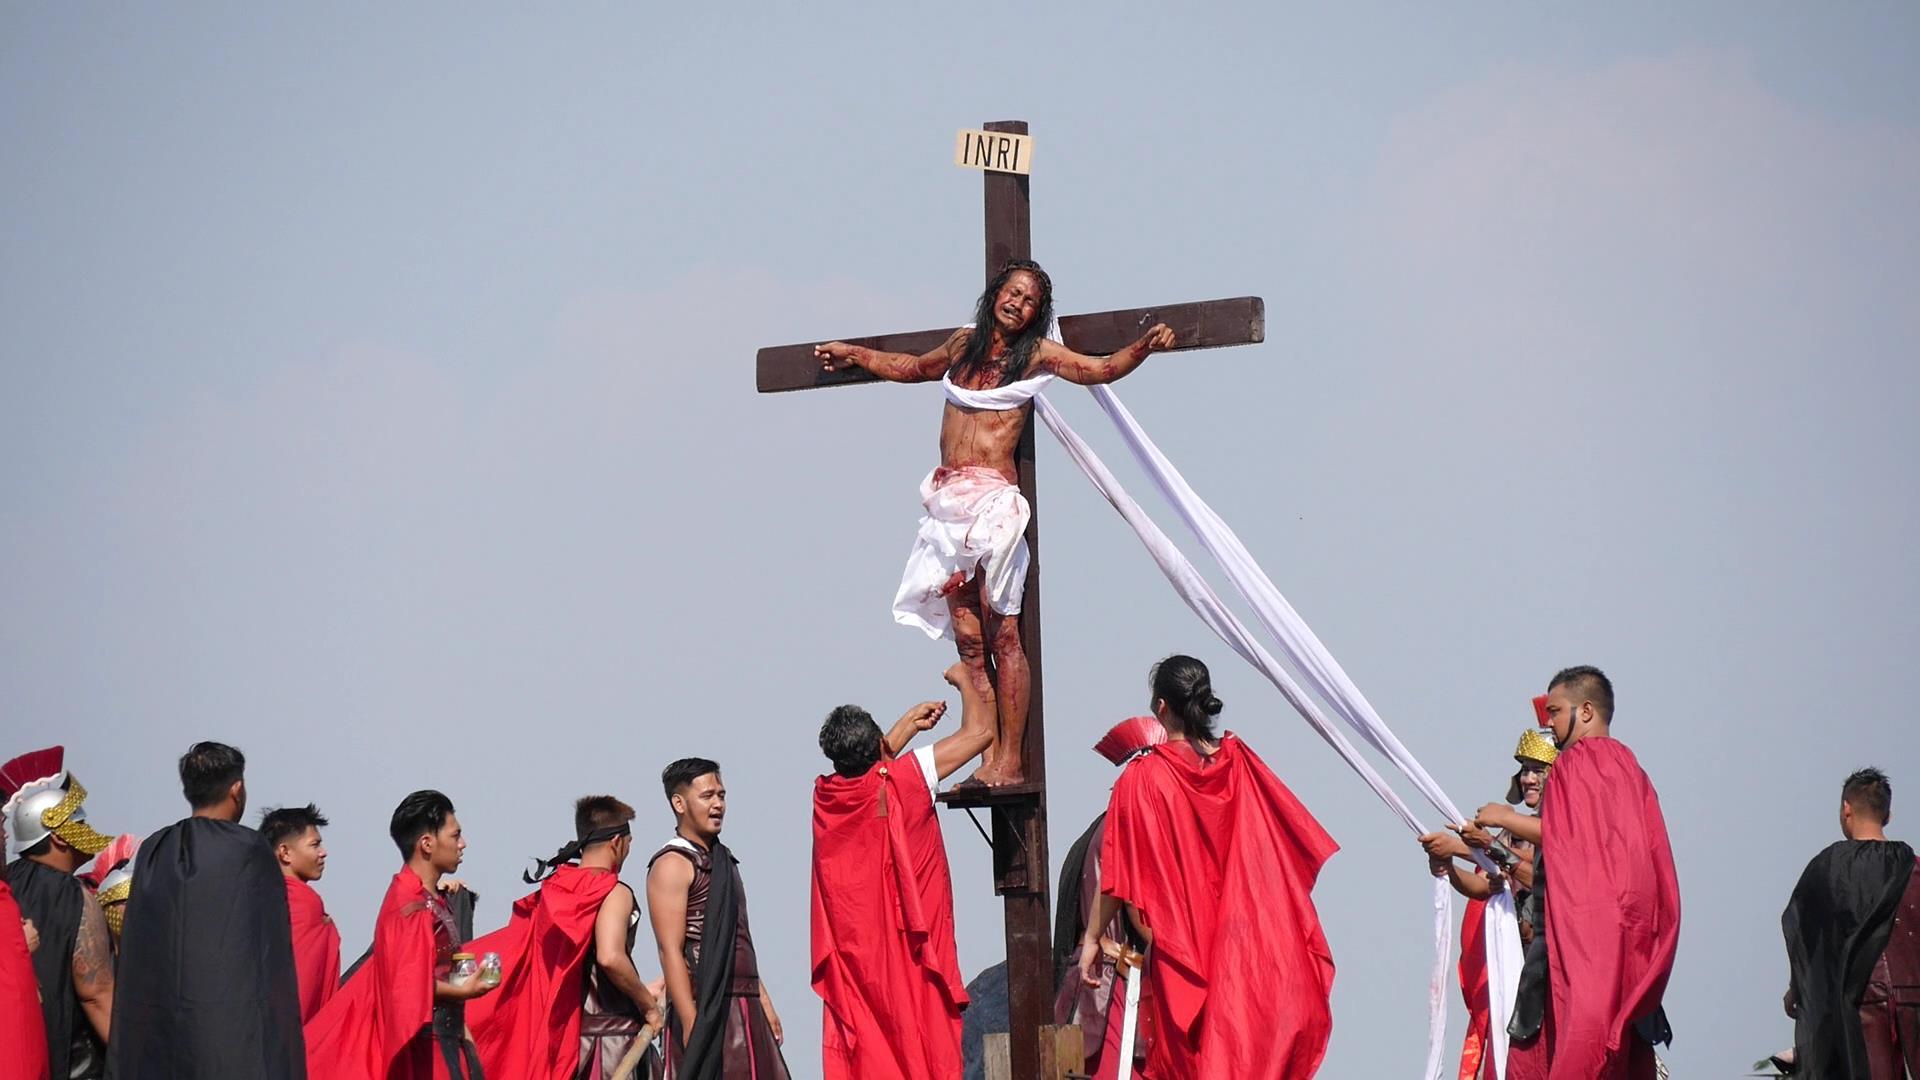 フィリピンの最大イベント・キリスト復活祭